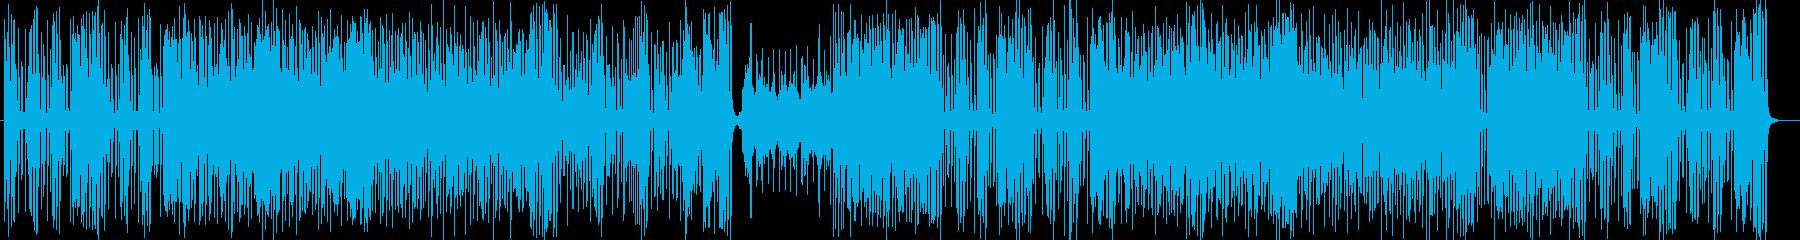 軽快なポップスオーケストラの再生済みの波形